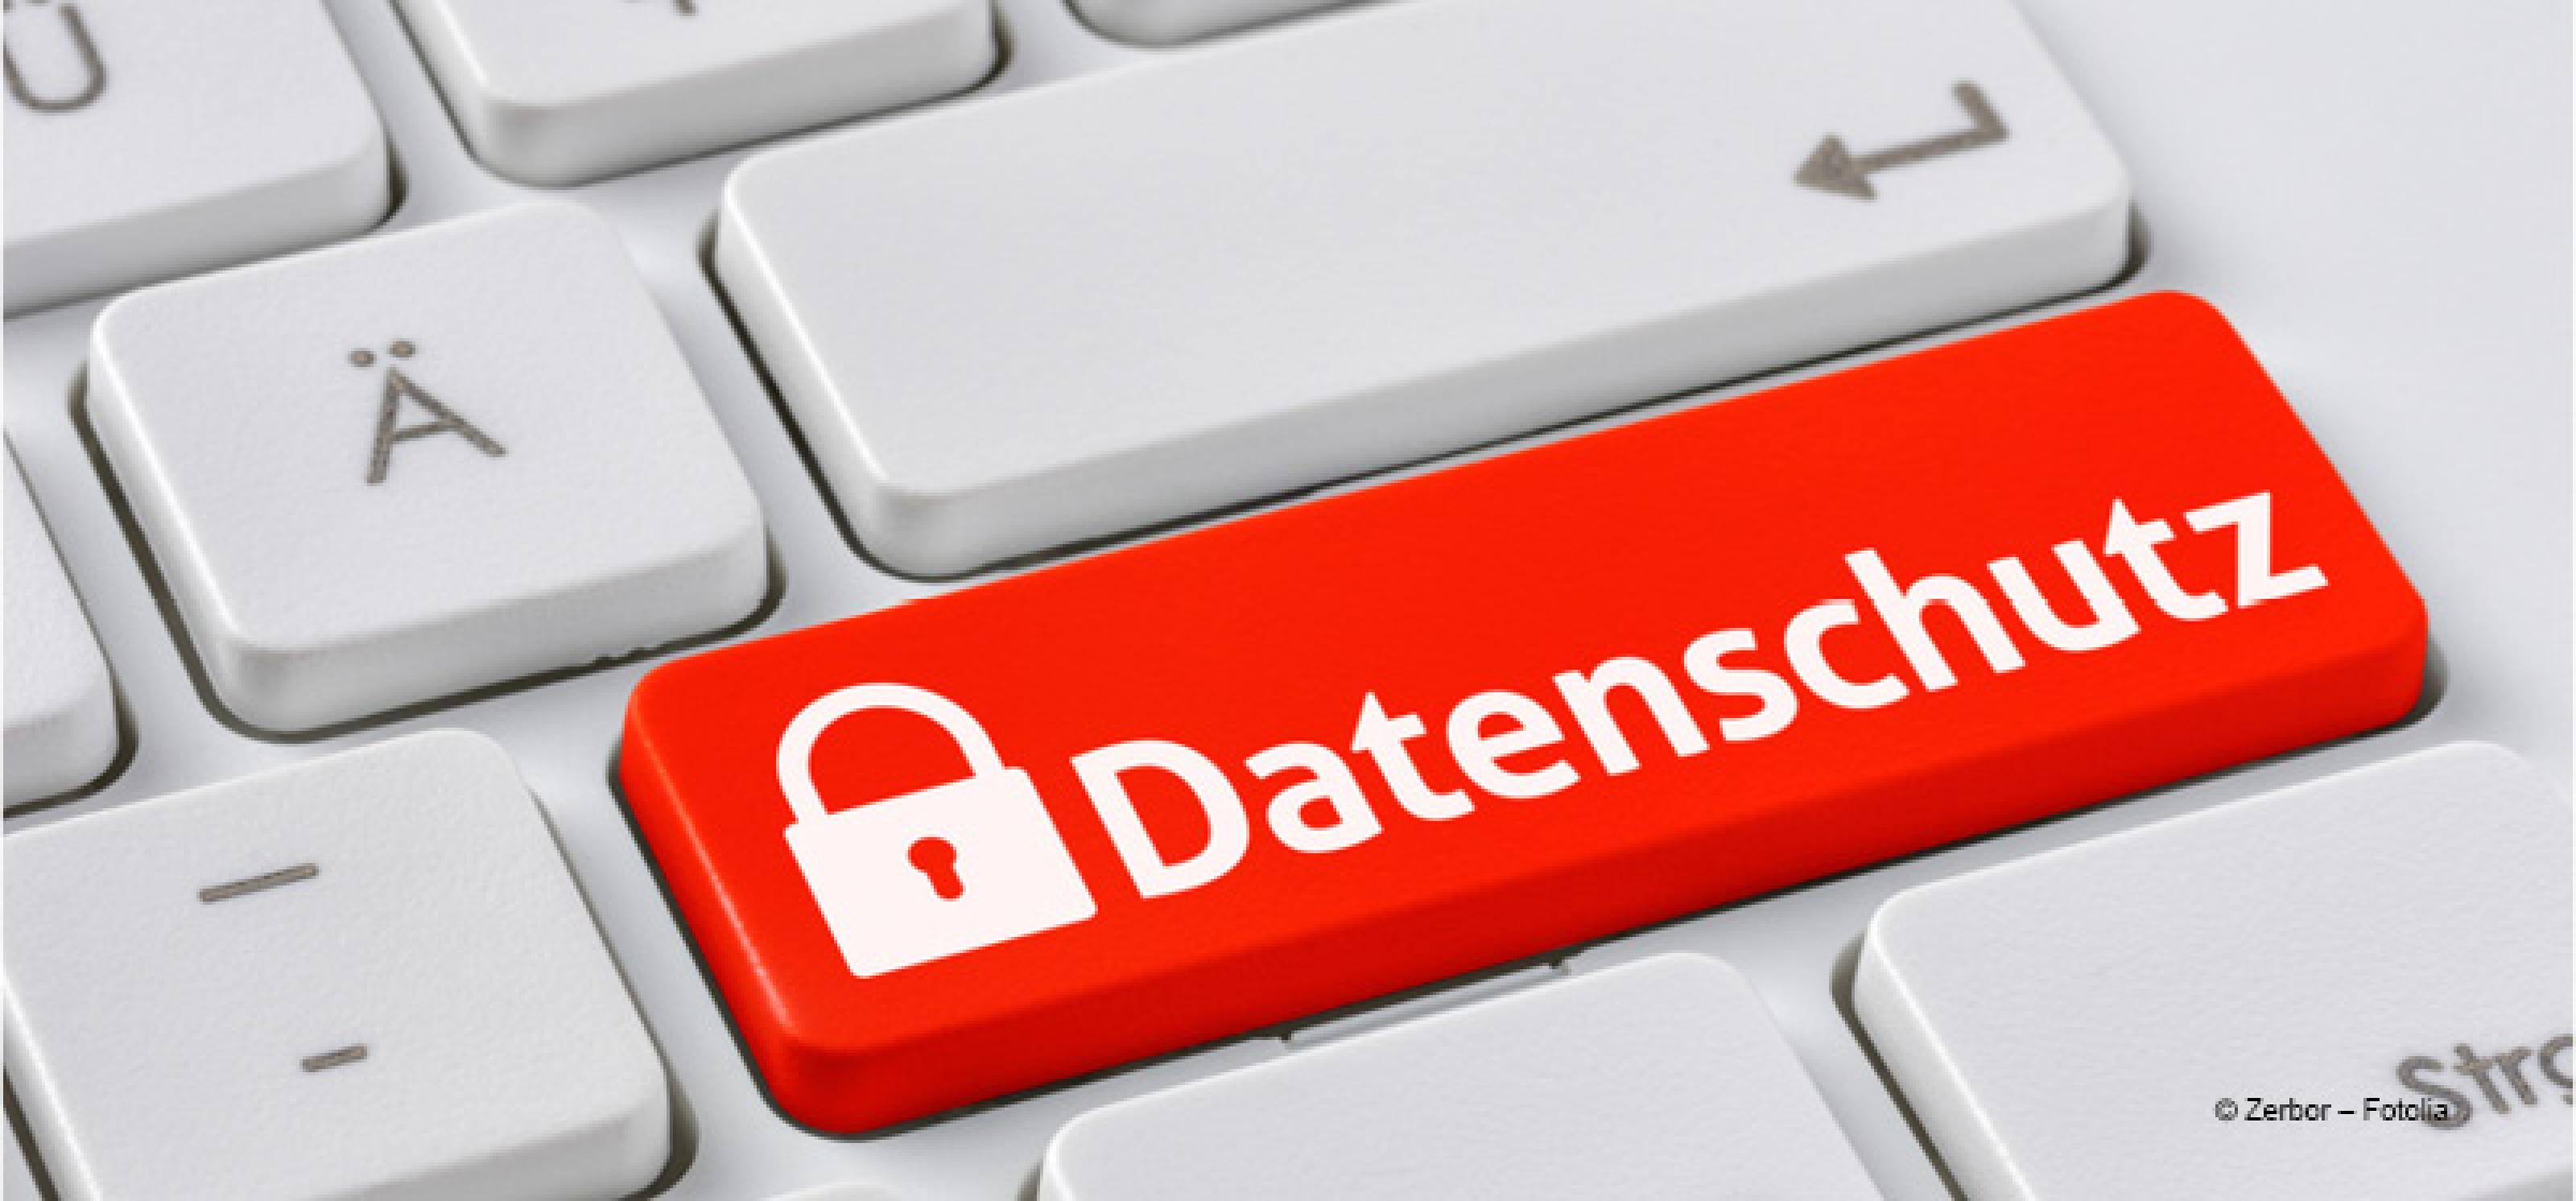 Tastatur mit Datenschutz-Taste